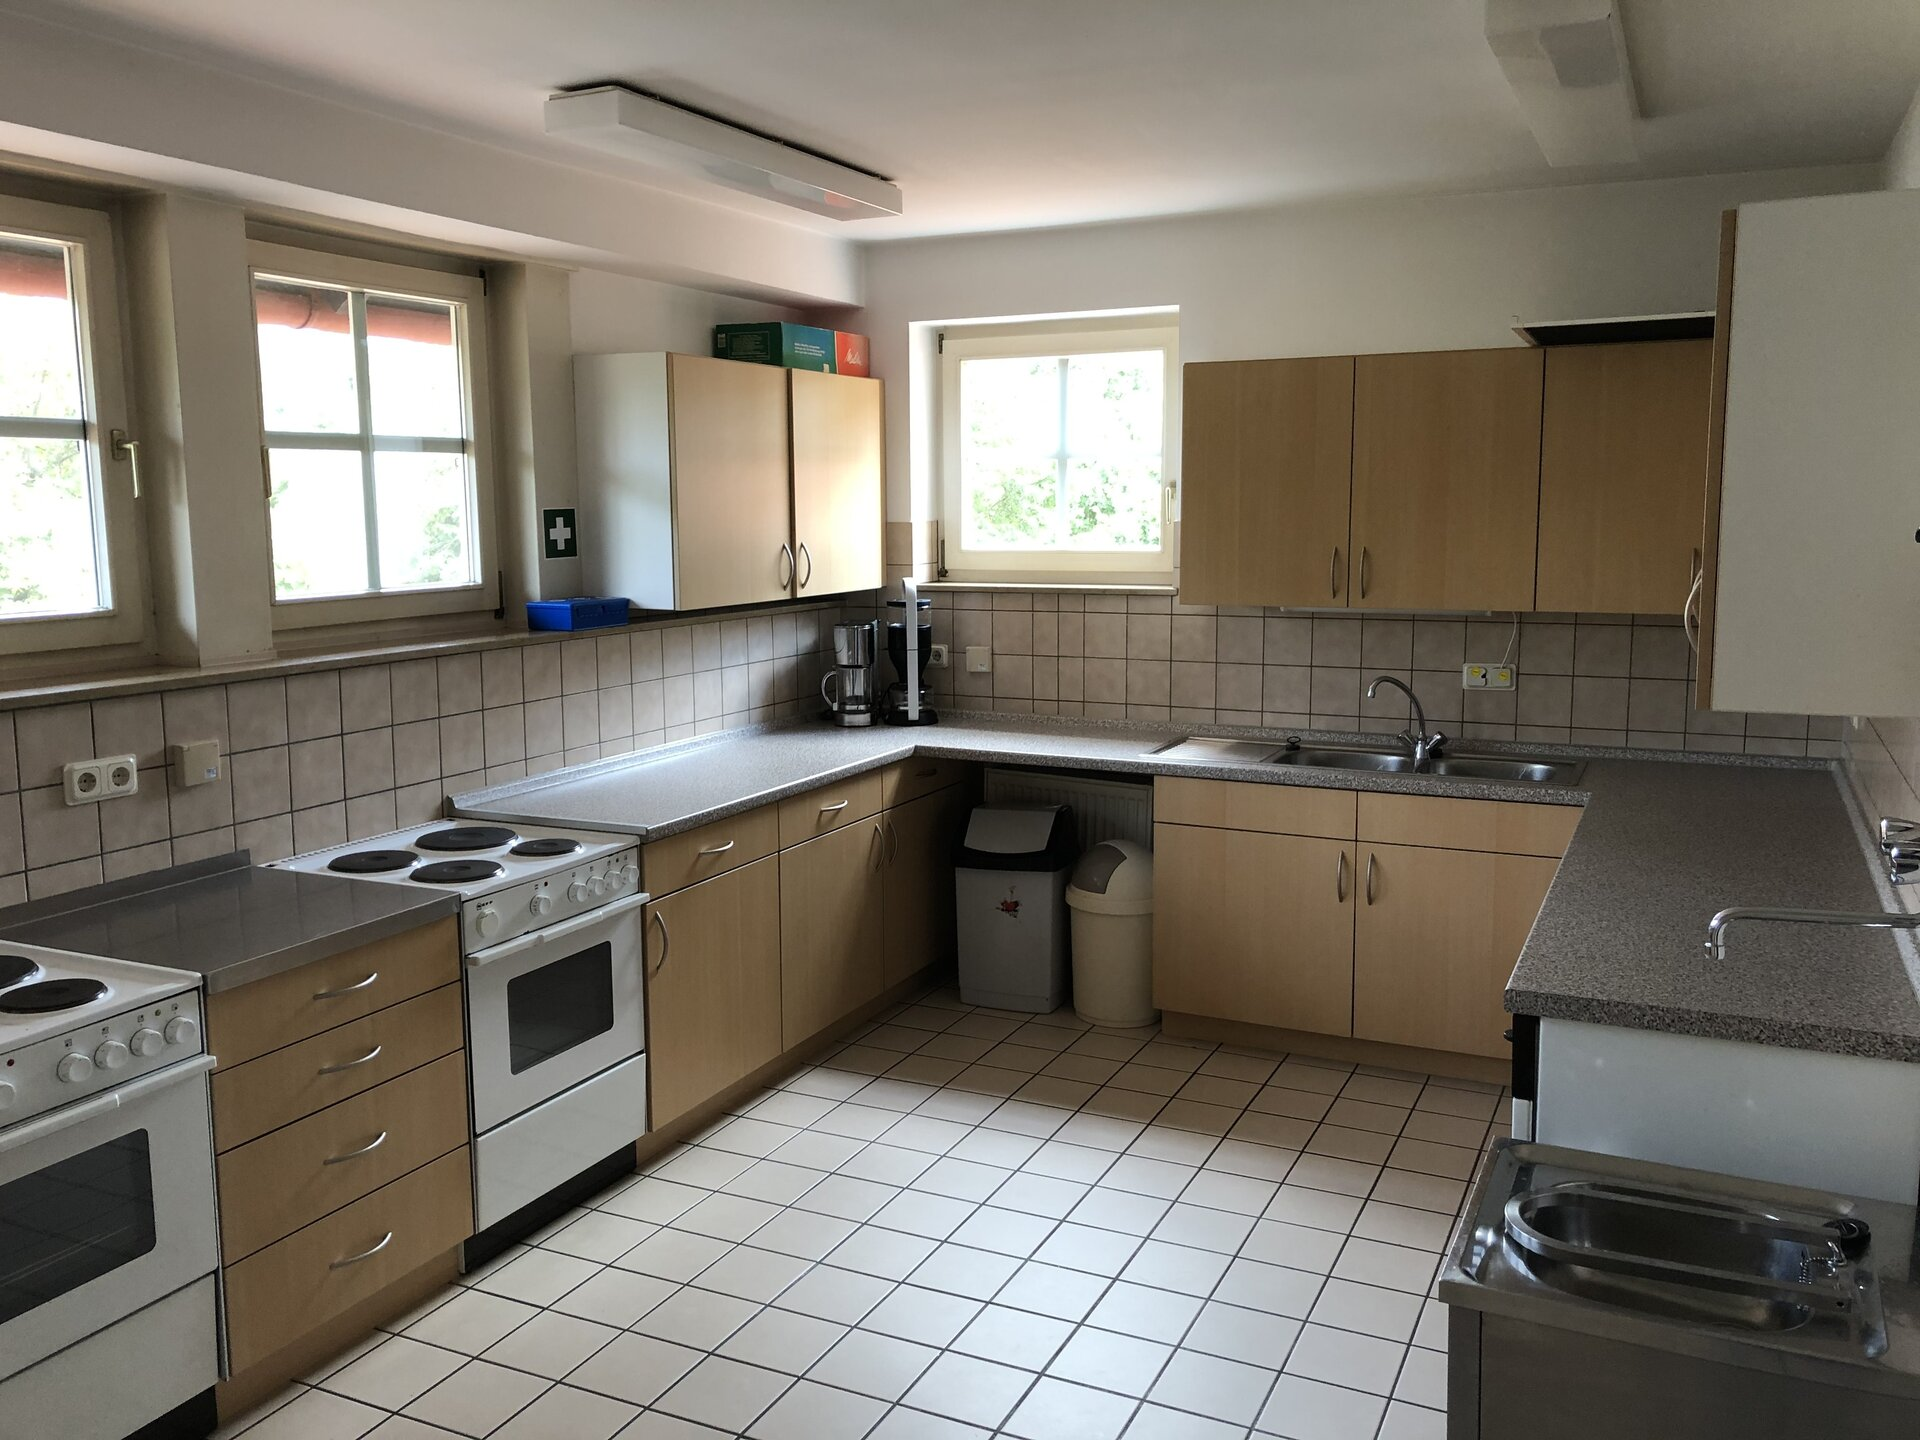 Blick in die Küche 1